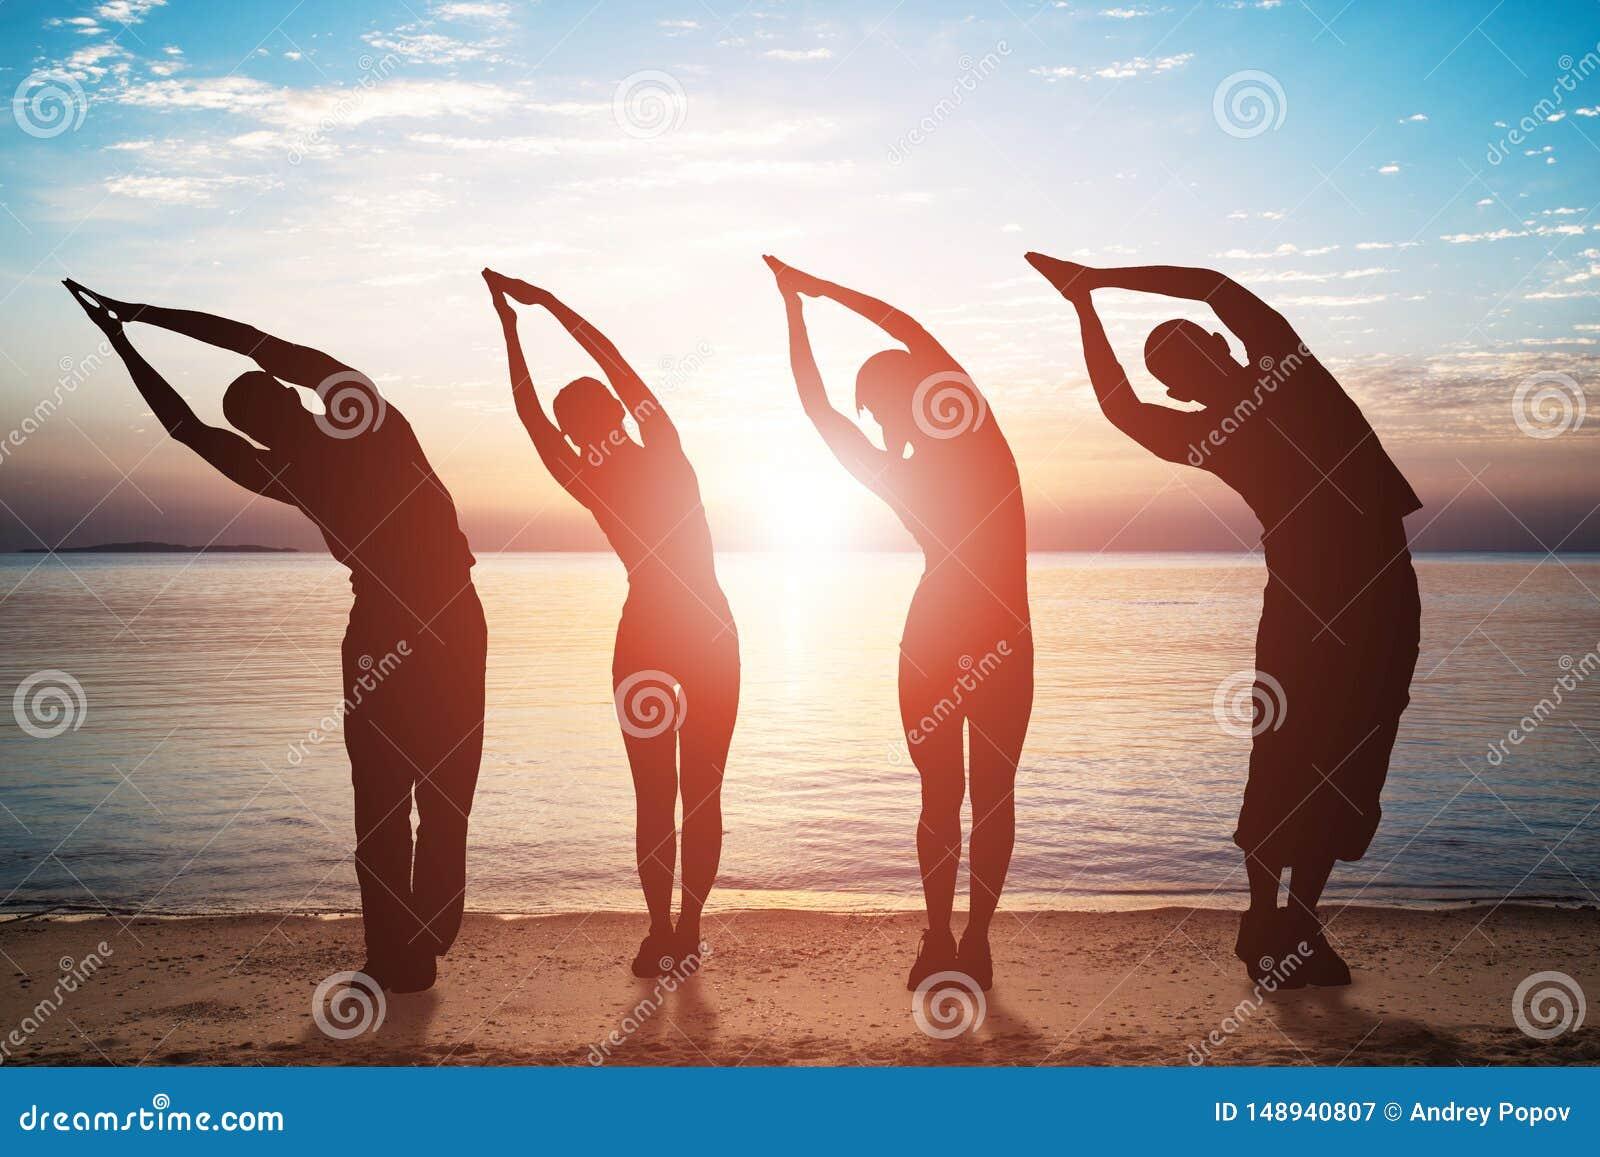 Gruppo di persone che fanno che allunga esercizio sulla spiaggia